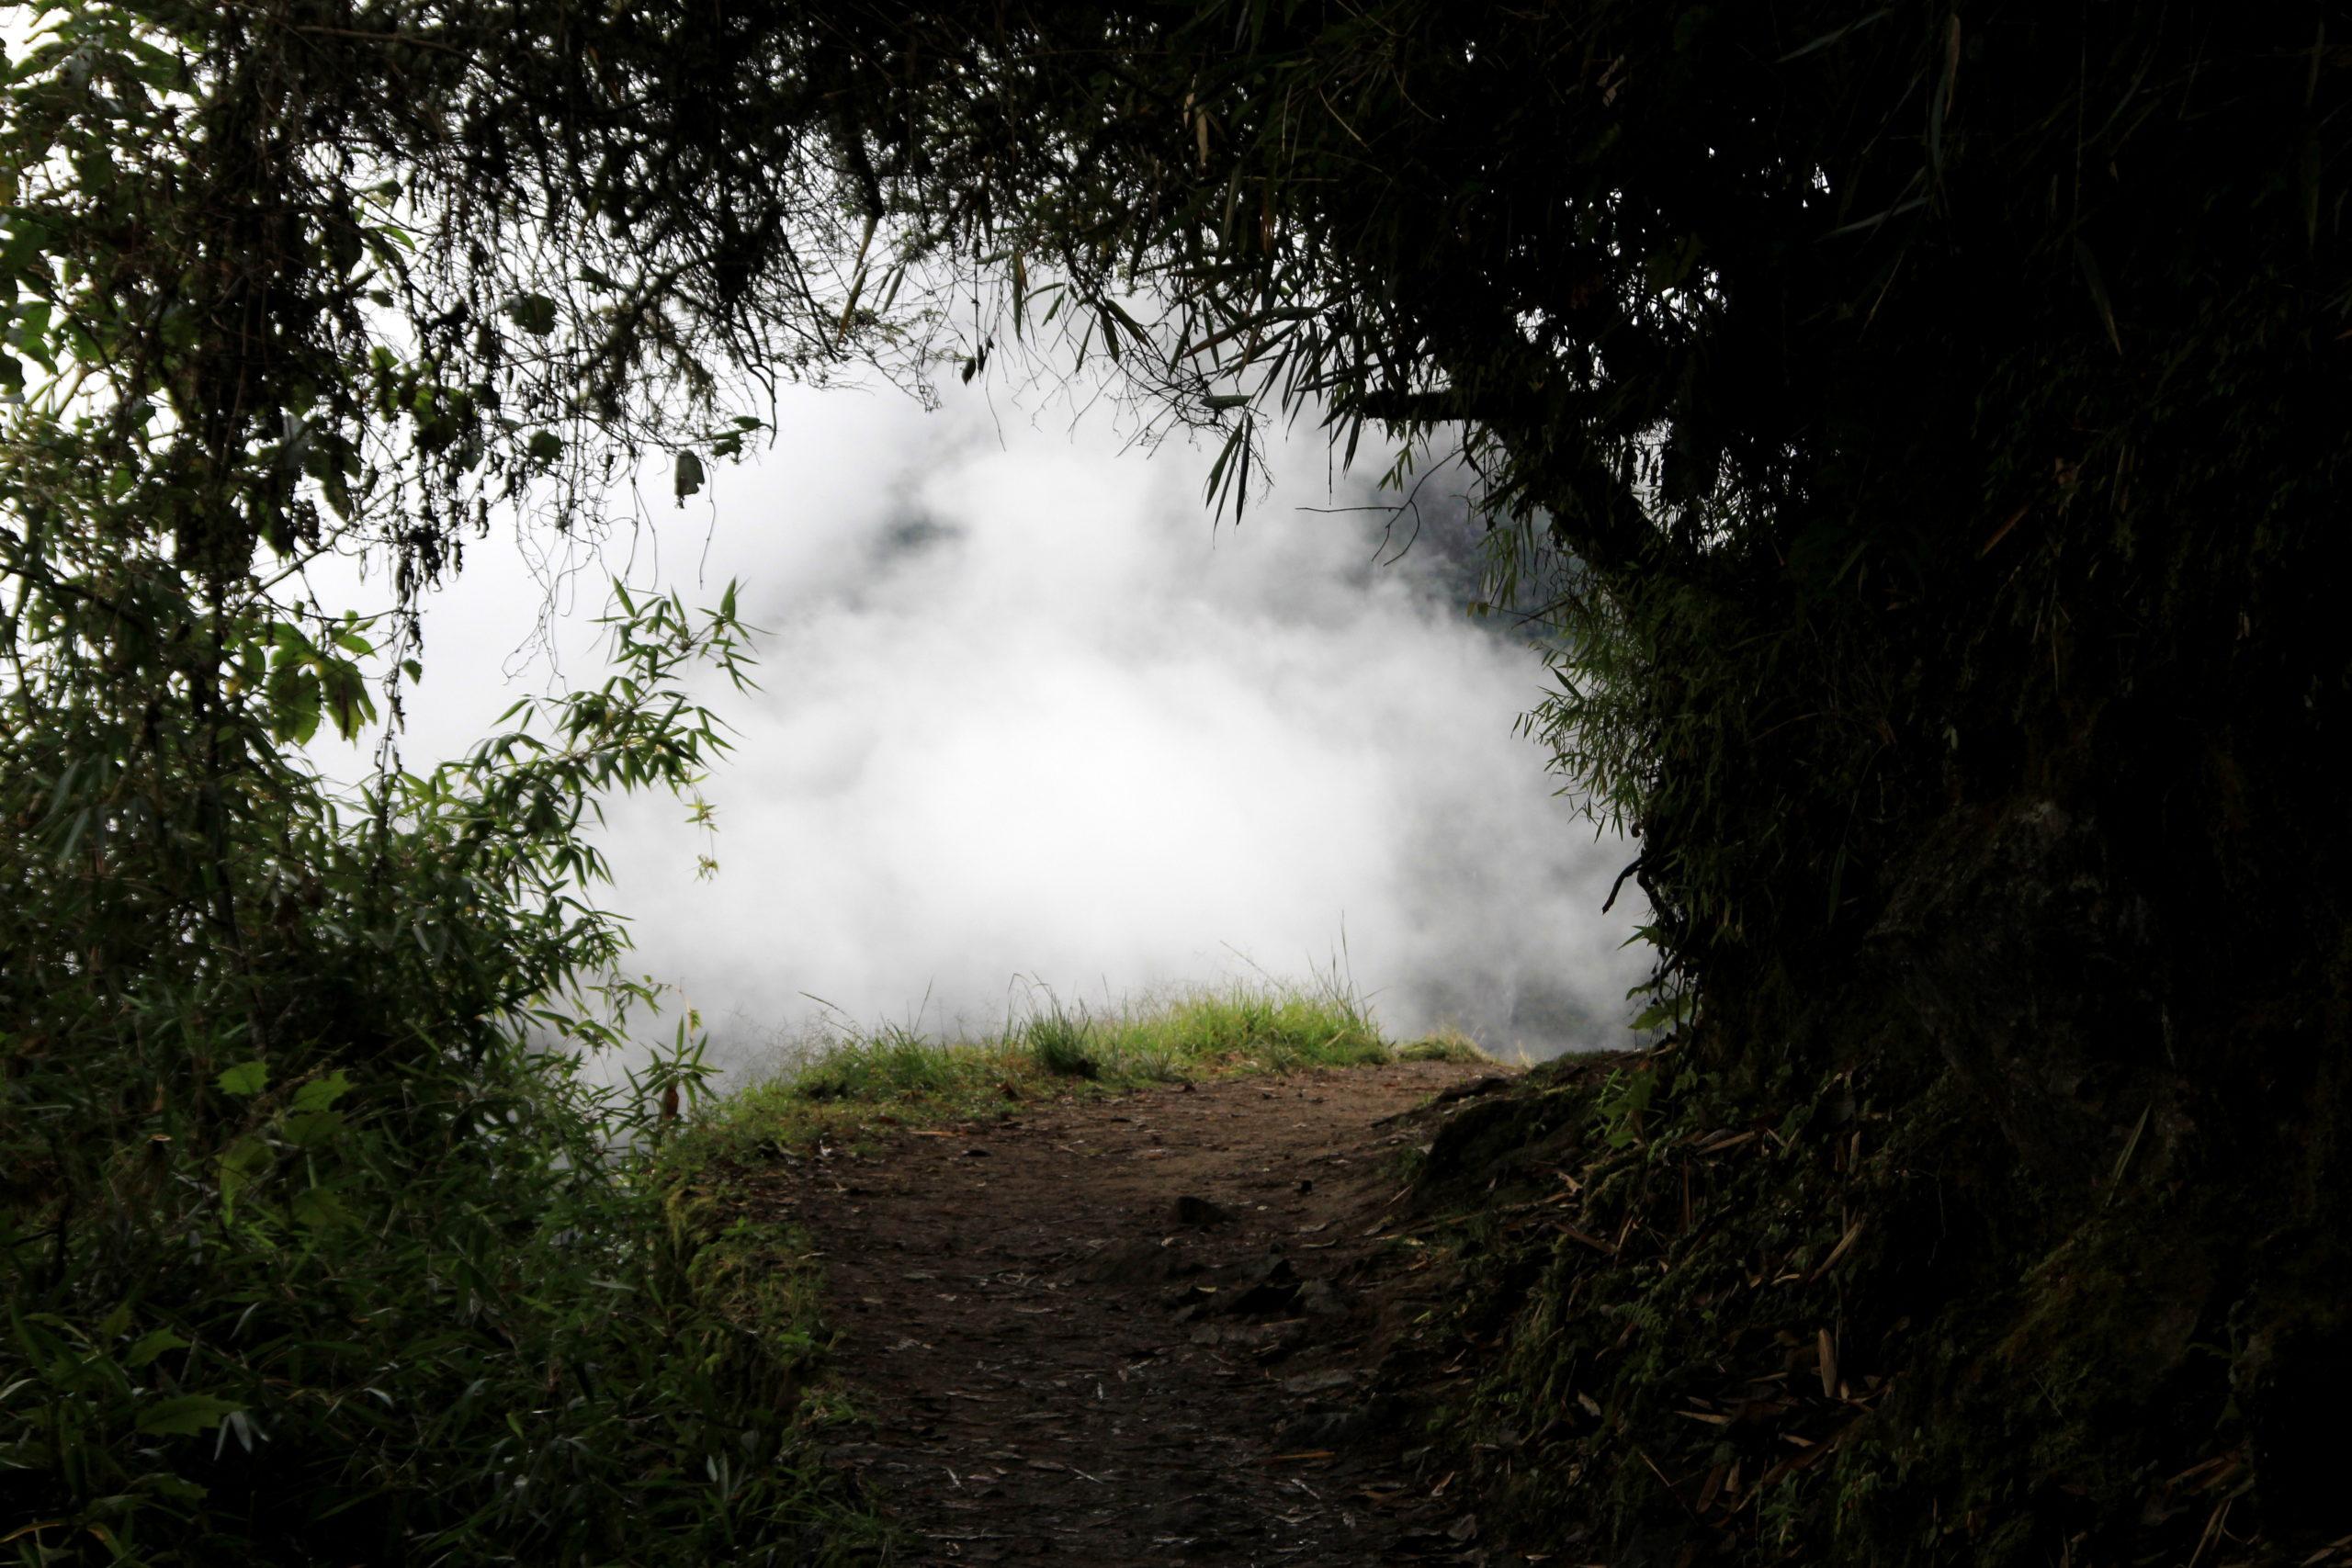 Dernier virage avantle Macchu Pichu, Pérou